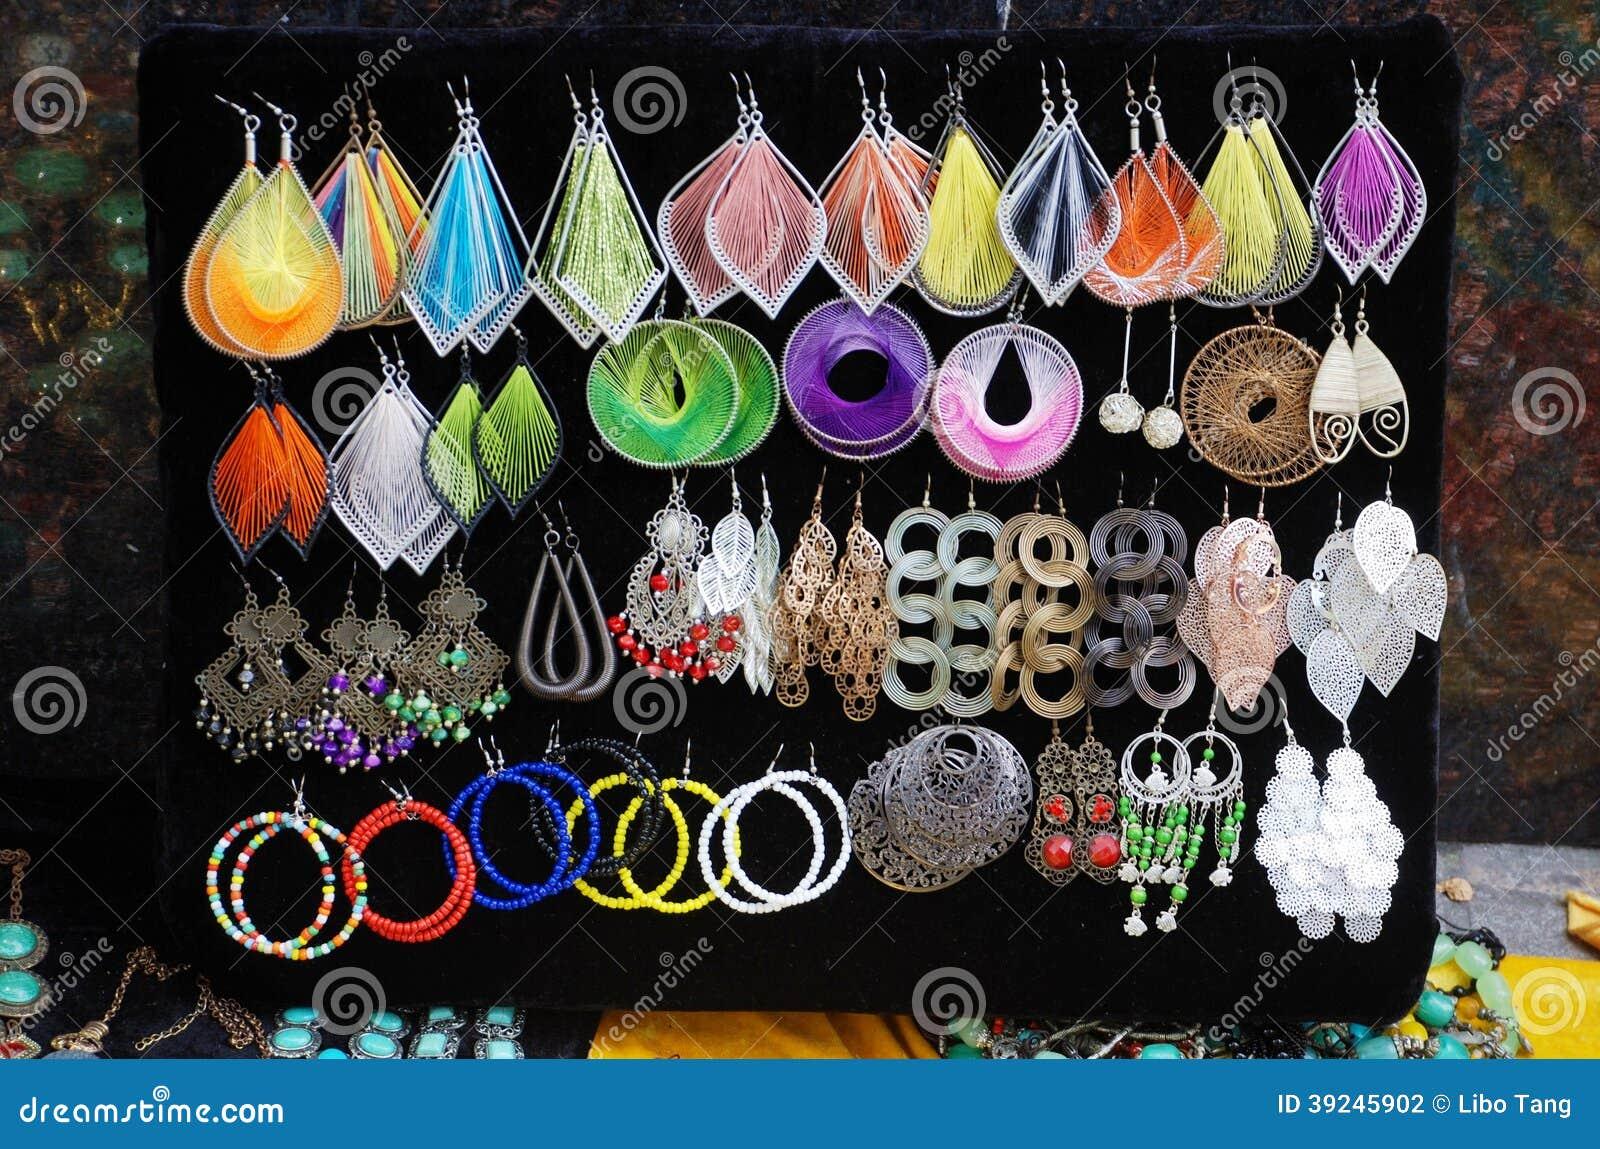 Handmade Tibetan Jewelries